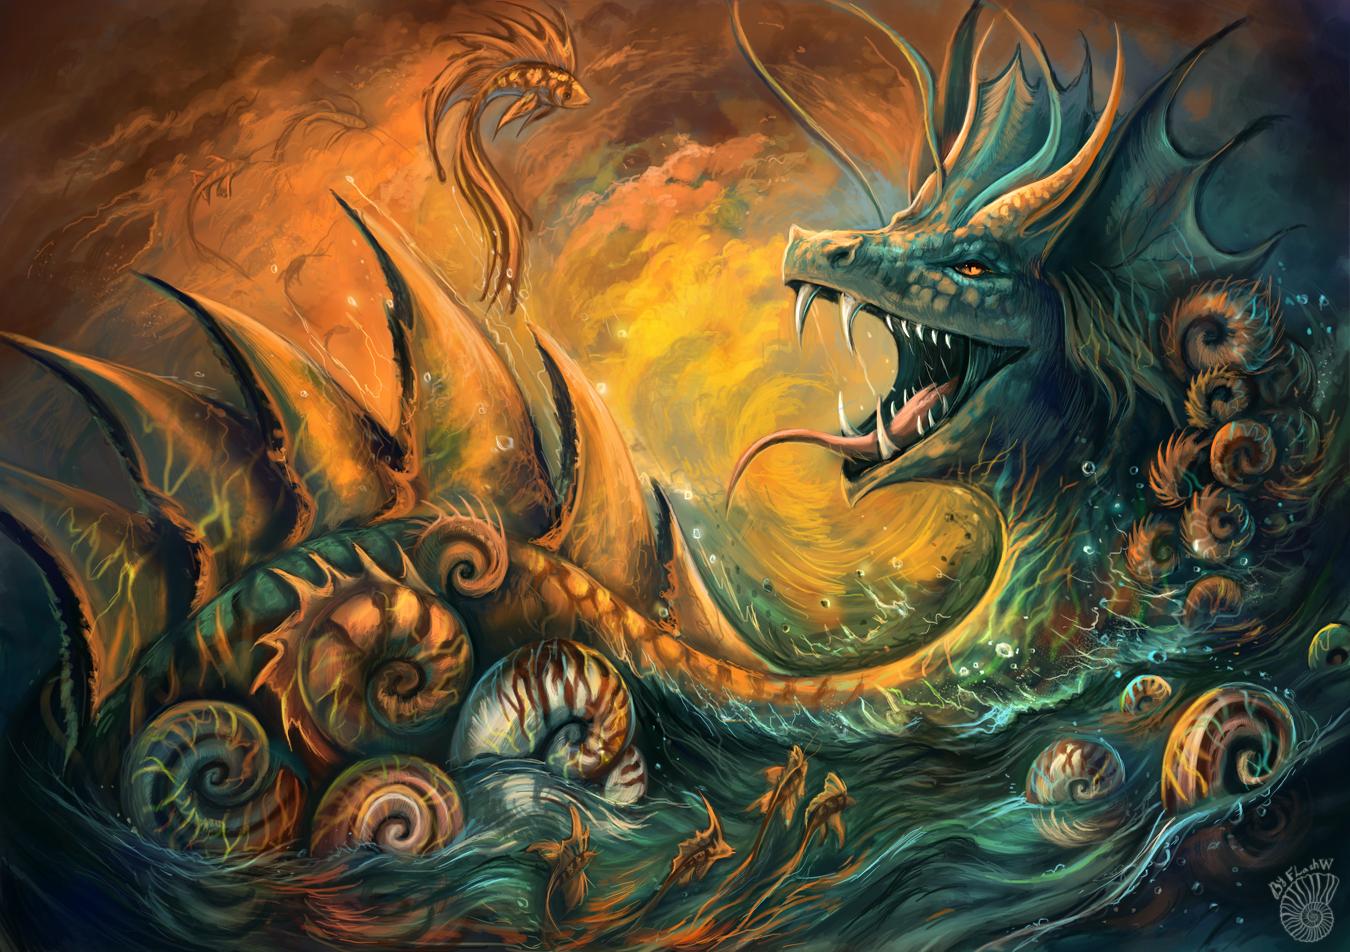 Sea dragon by FlashW